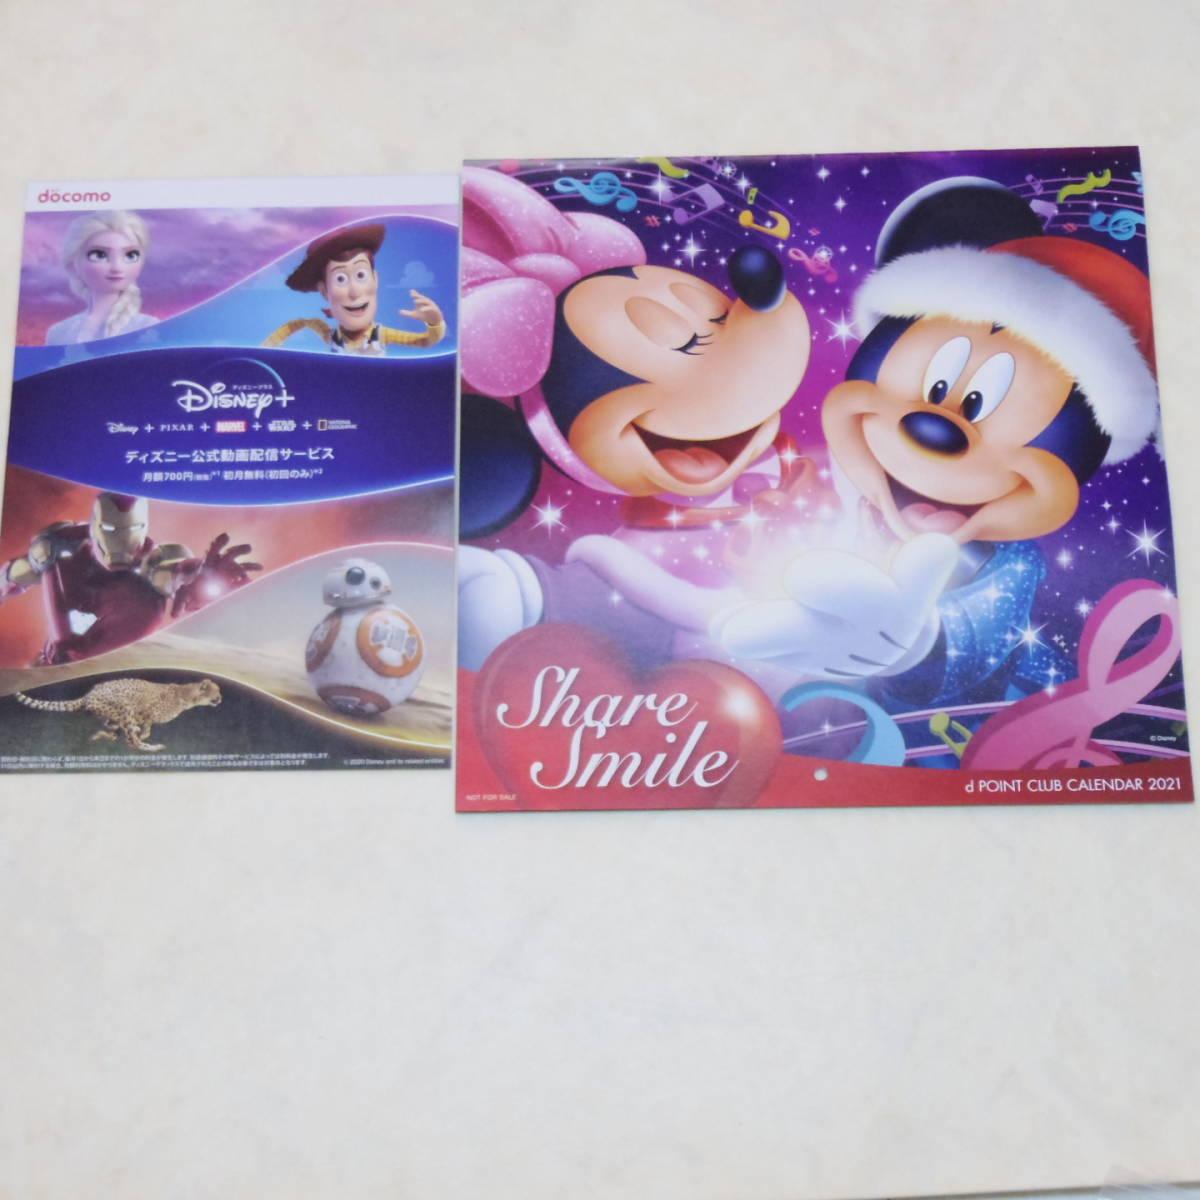 ▲docomo ドコモ d POINT CLUB Calendar 2021 ディズニー カレンダー 非売品 未使用 壁掛け 2021年 ミッキー ミニー ドナルド グッズ_画像3